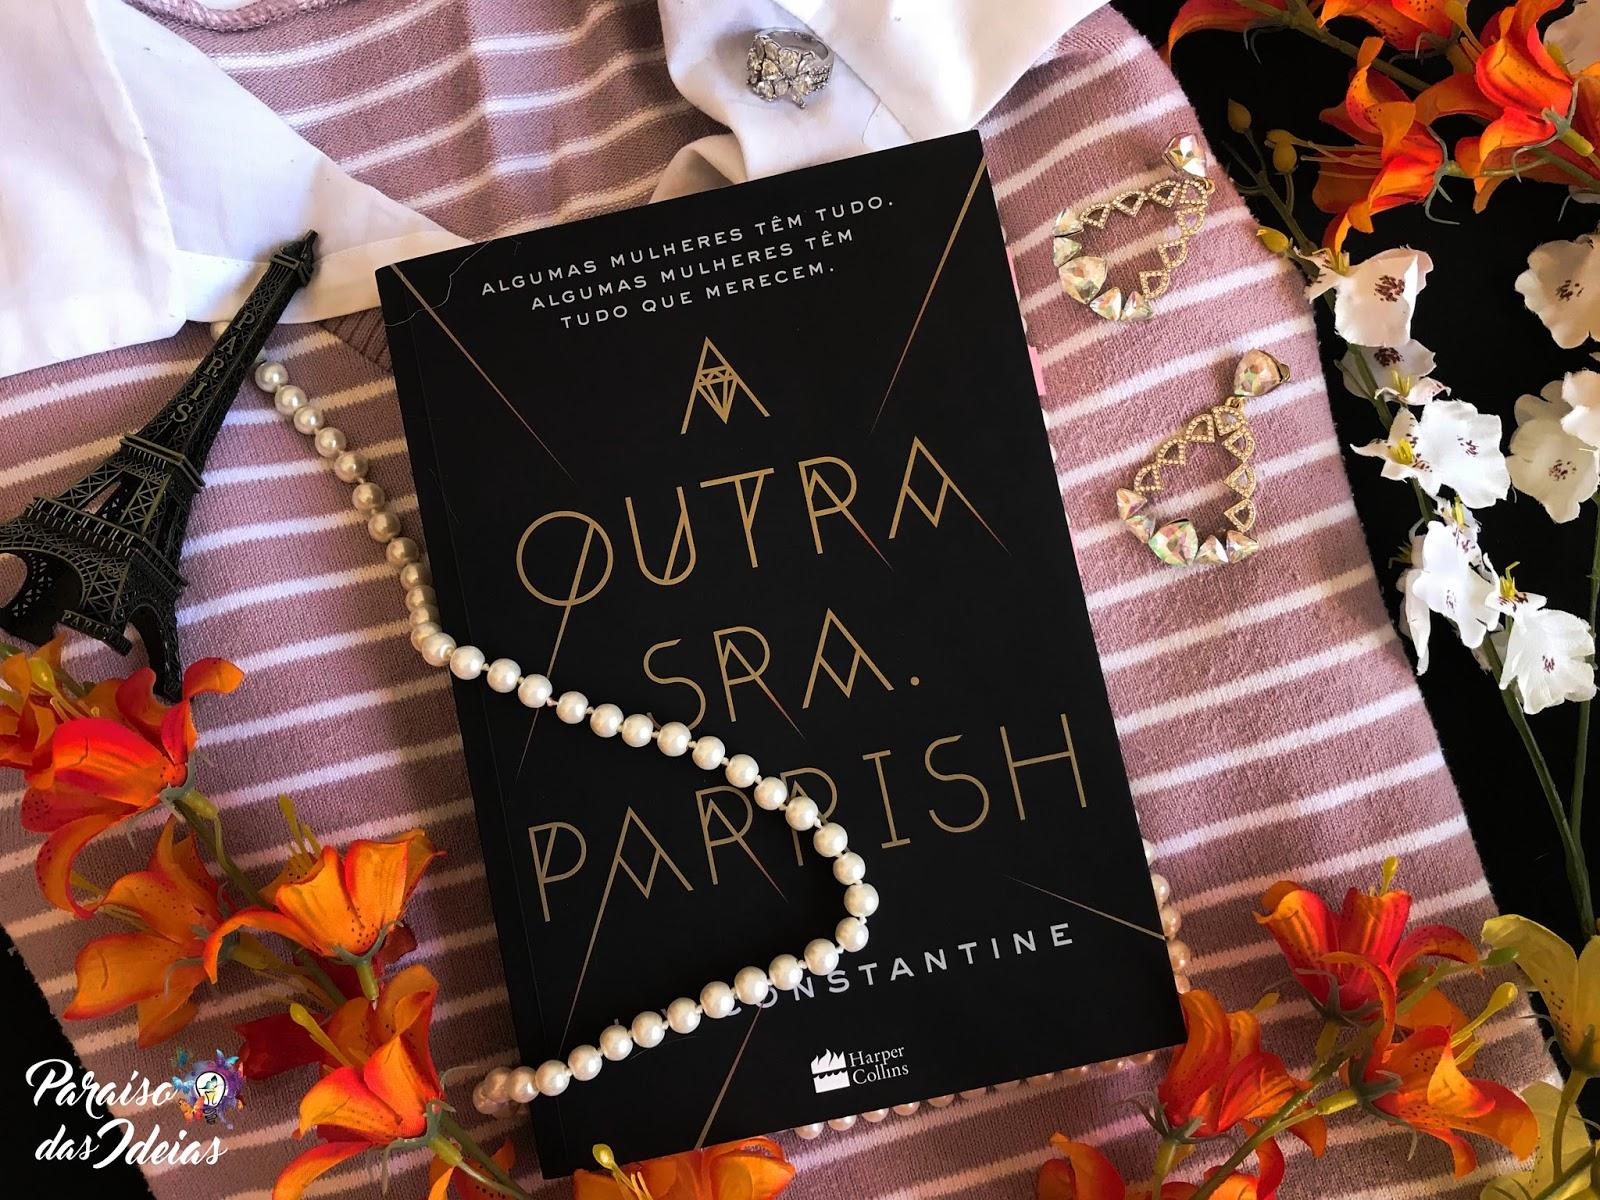 [Resenha] A Outra Sra. Parrish - Liv Constantine